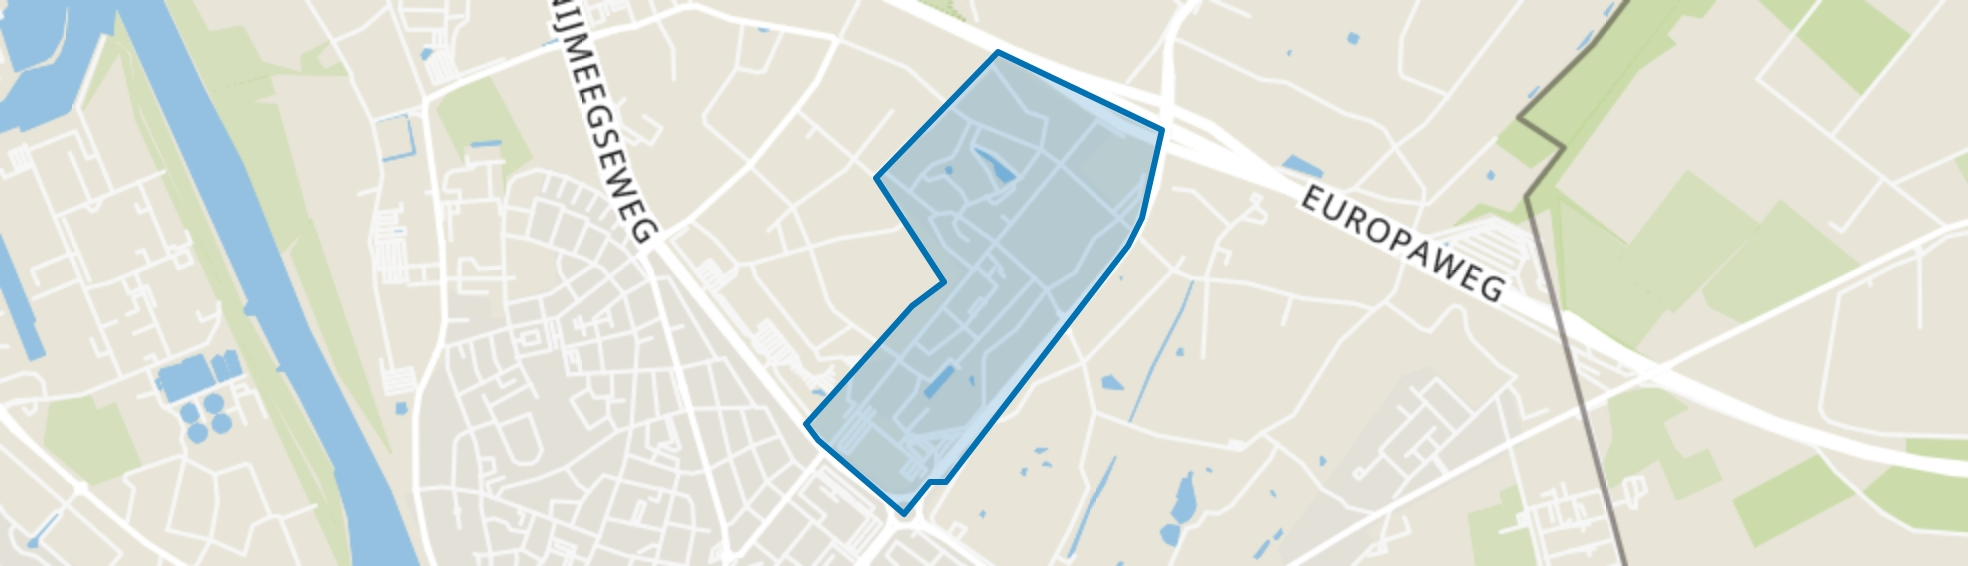 Kern 't Ven, Venlo map